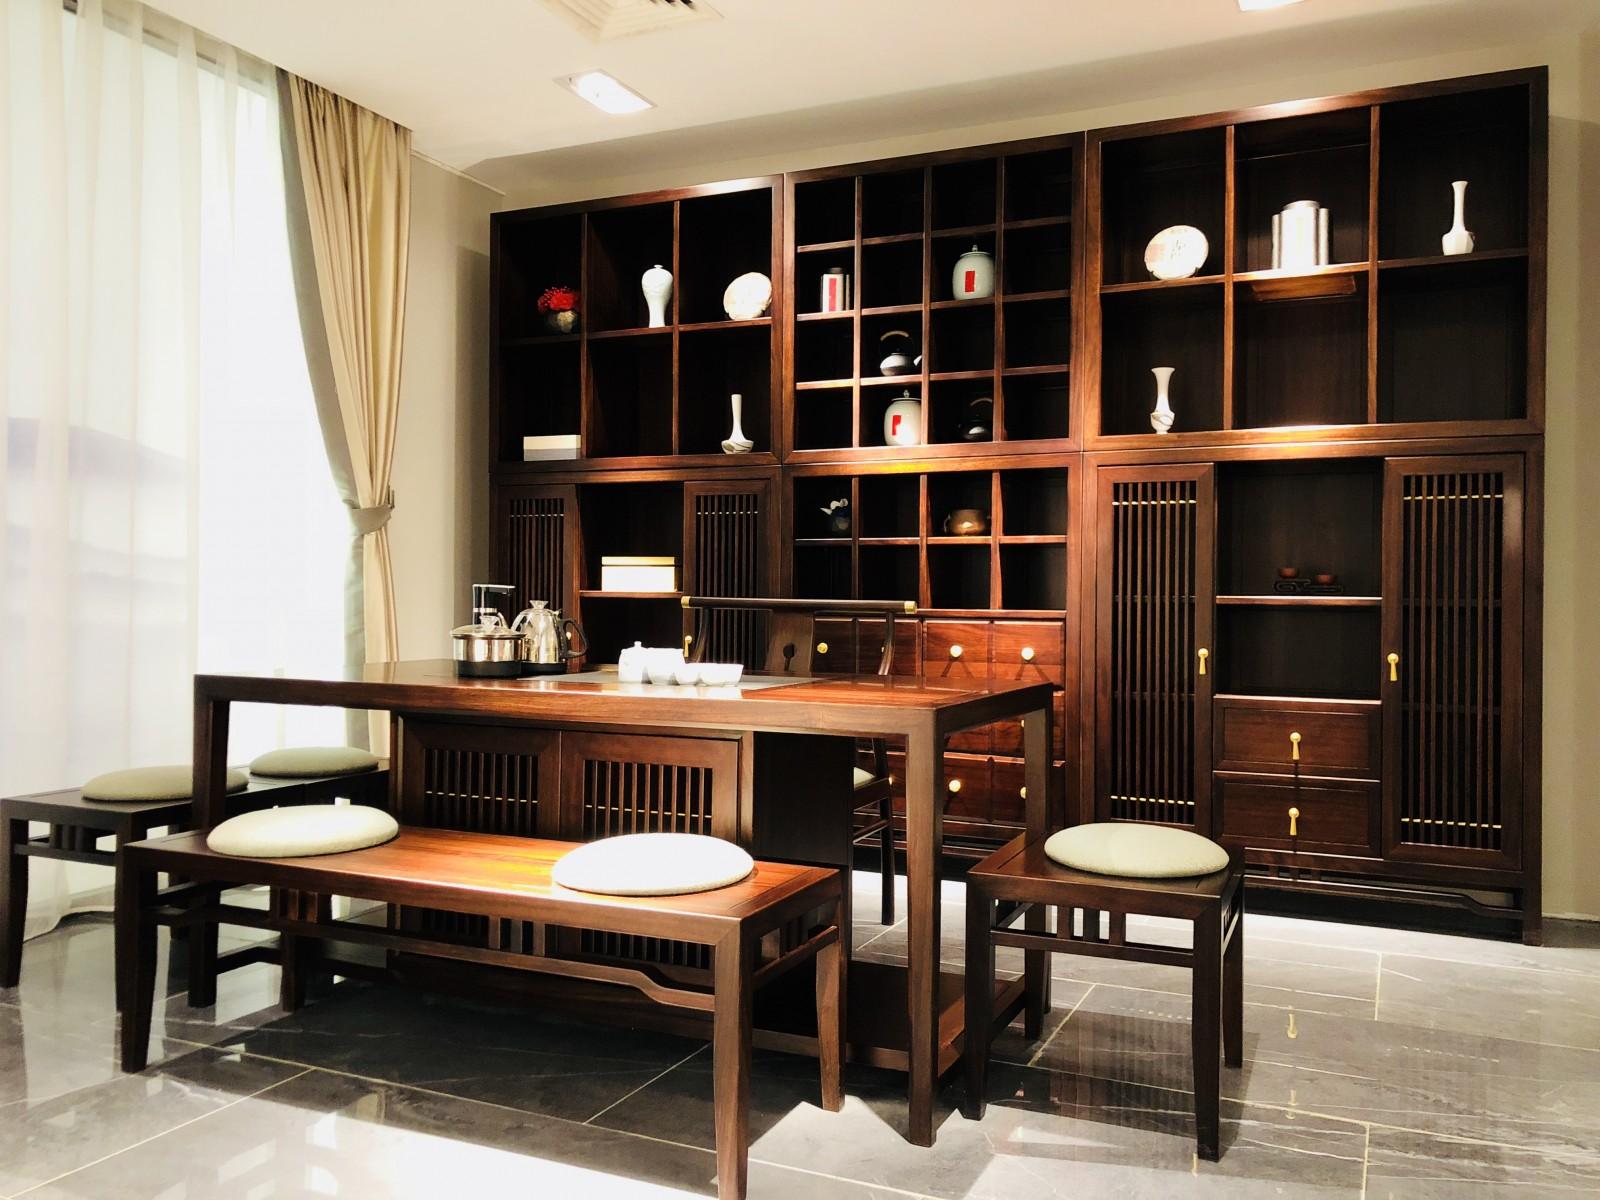 百强坤伦系列材质与设计的碰撞 解读新中式家具